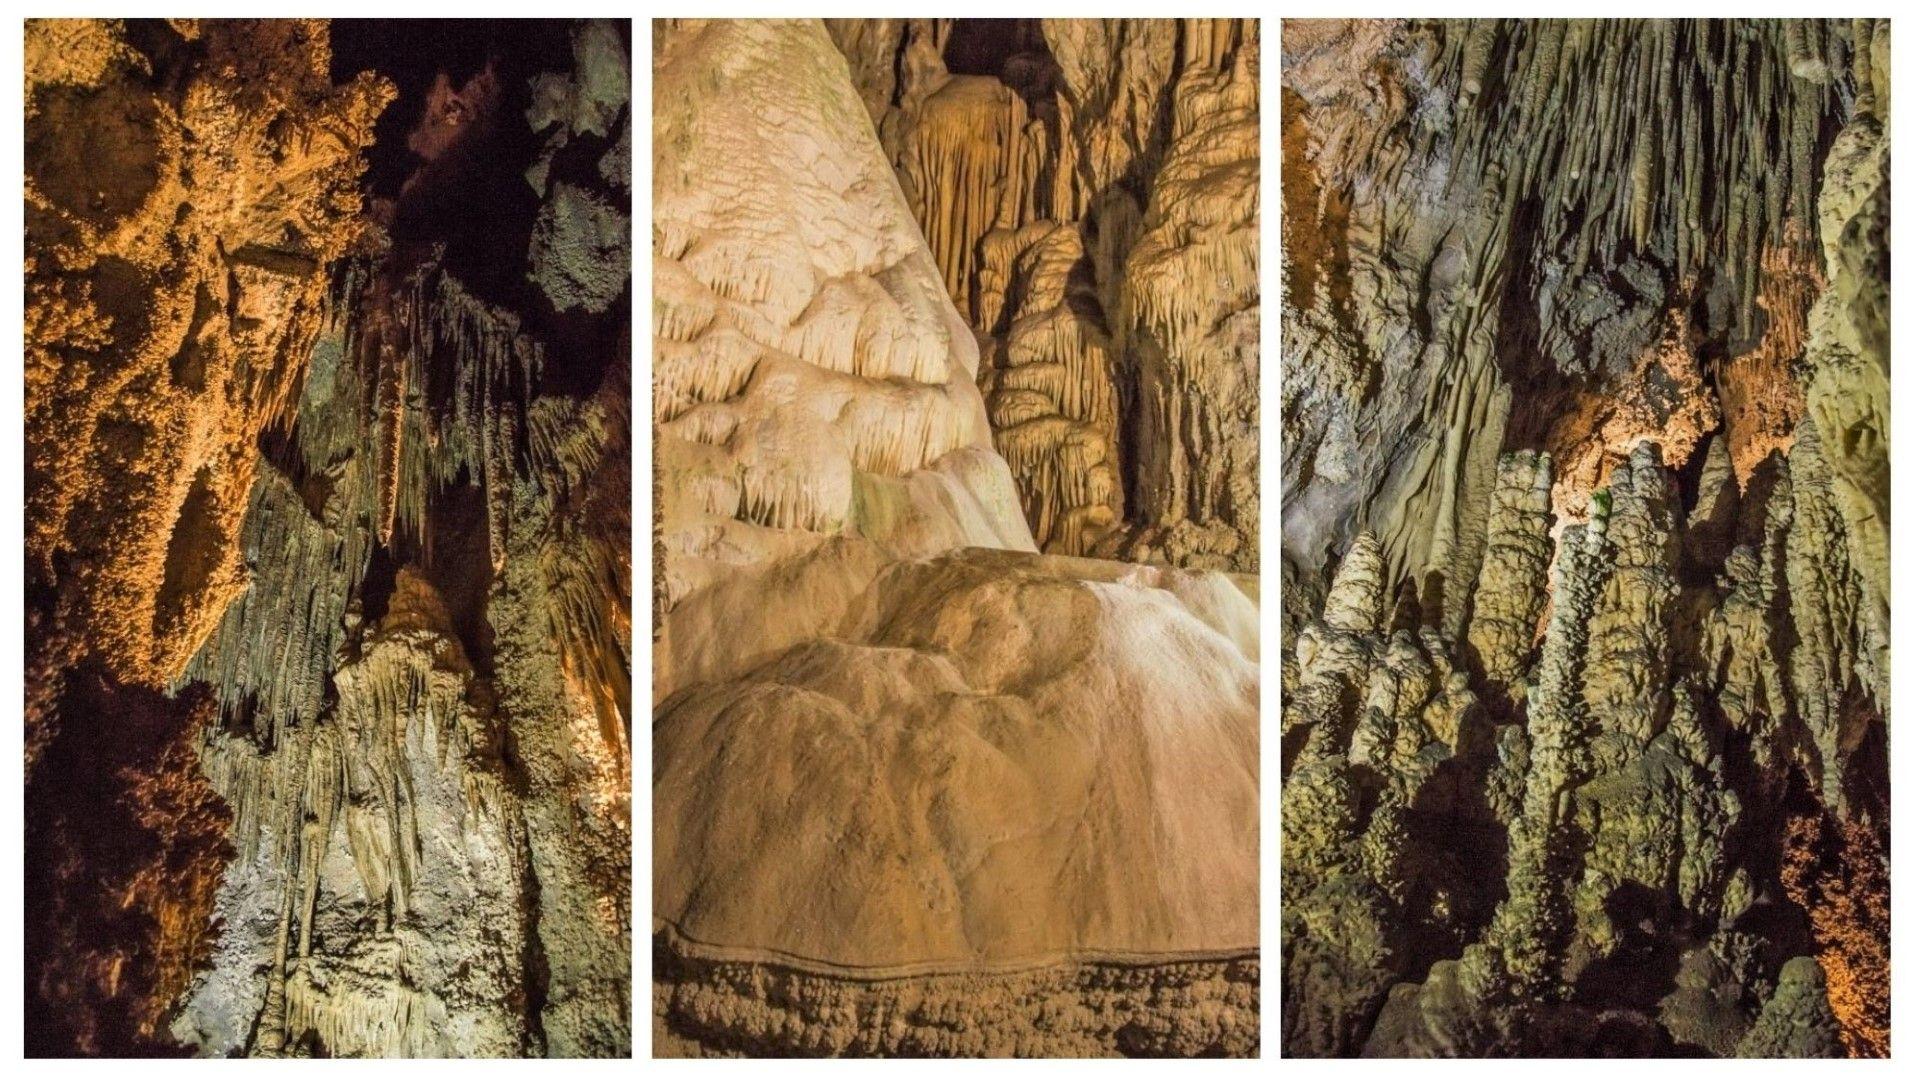 Пещерни образувания в Ухловица - в средата е големият водопад